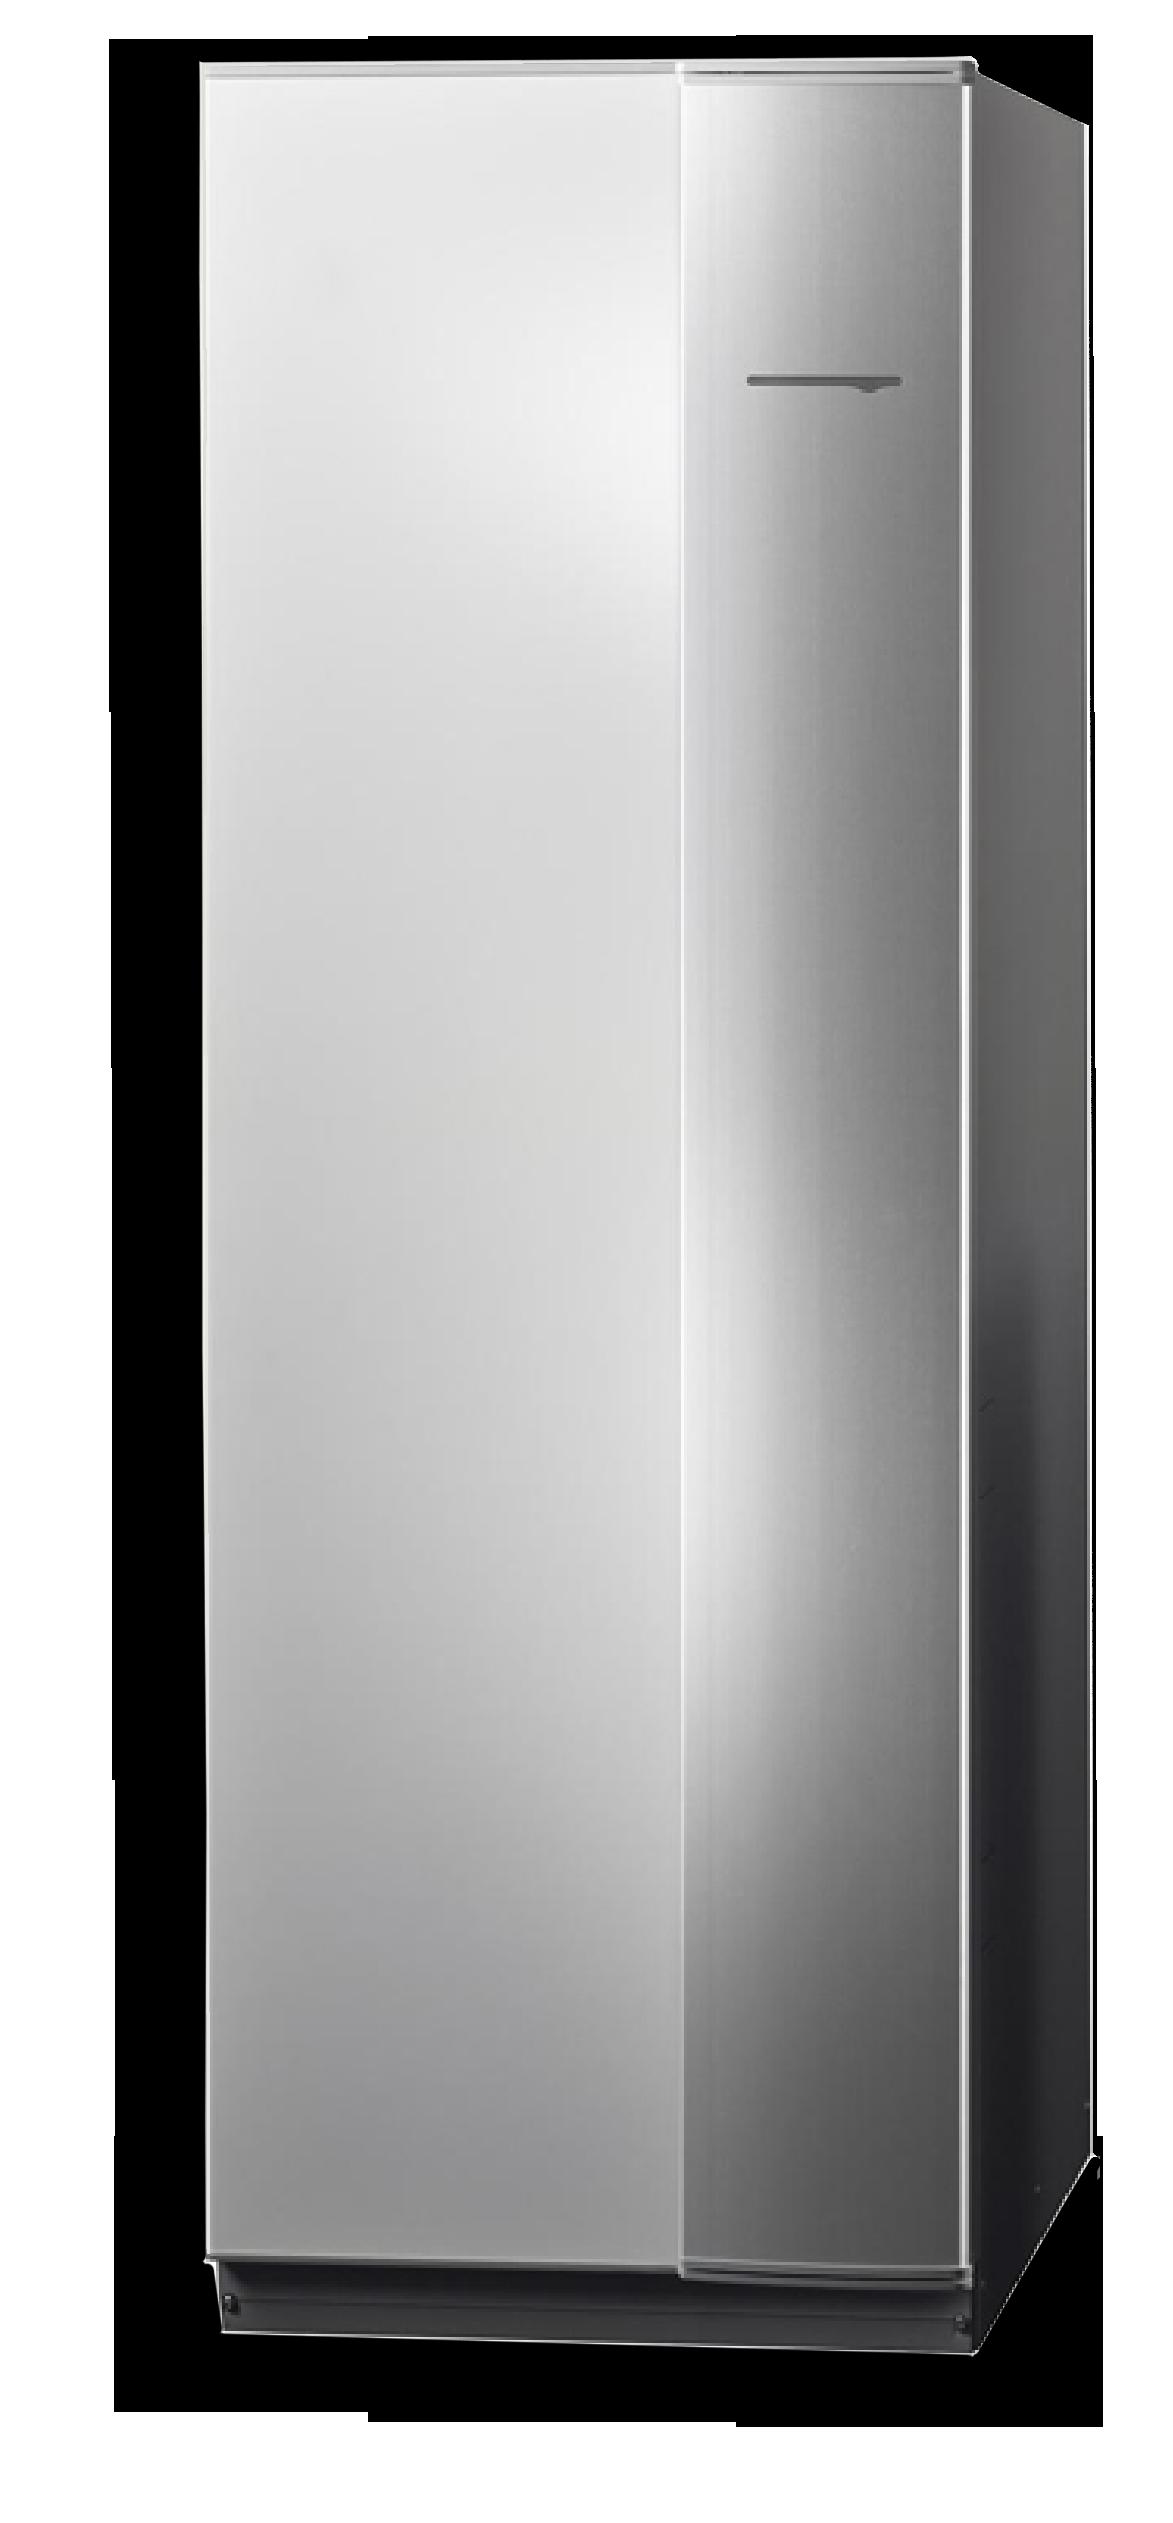 Теплоаккумуляторы модели HEV-300